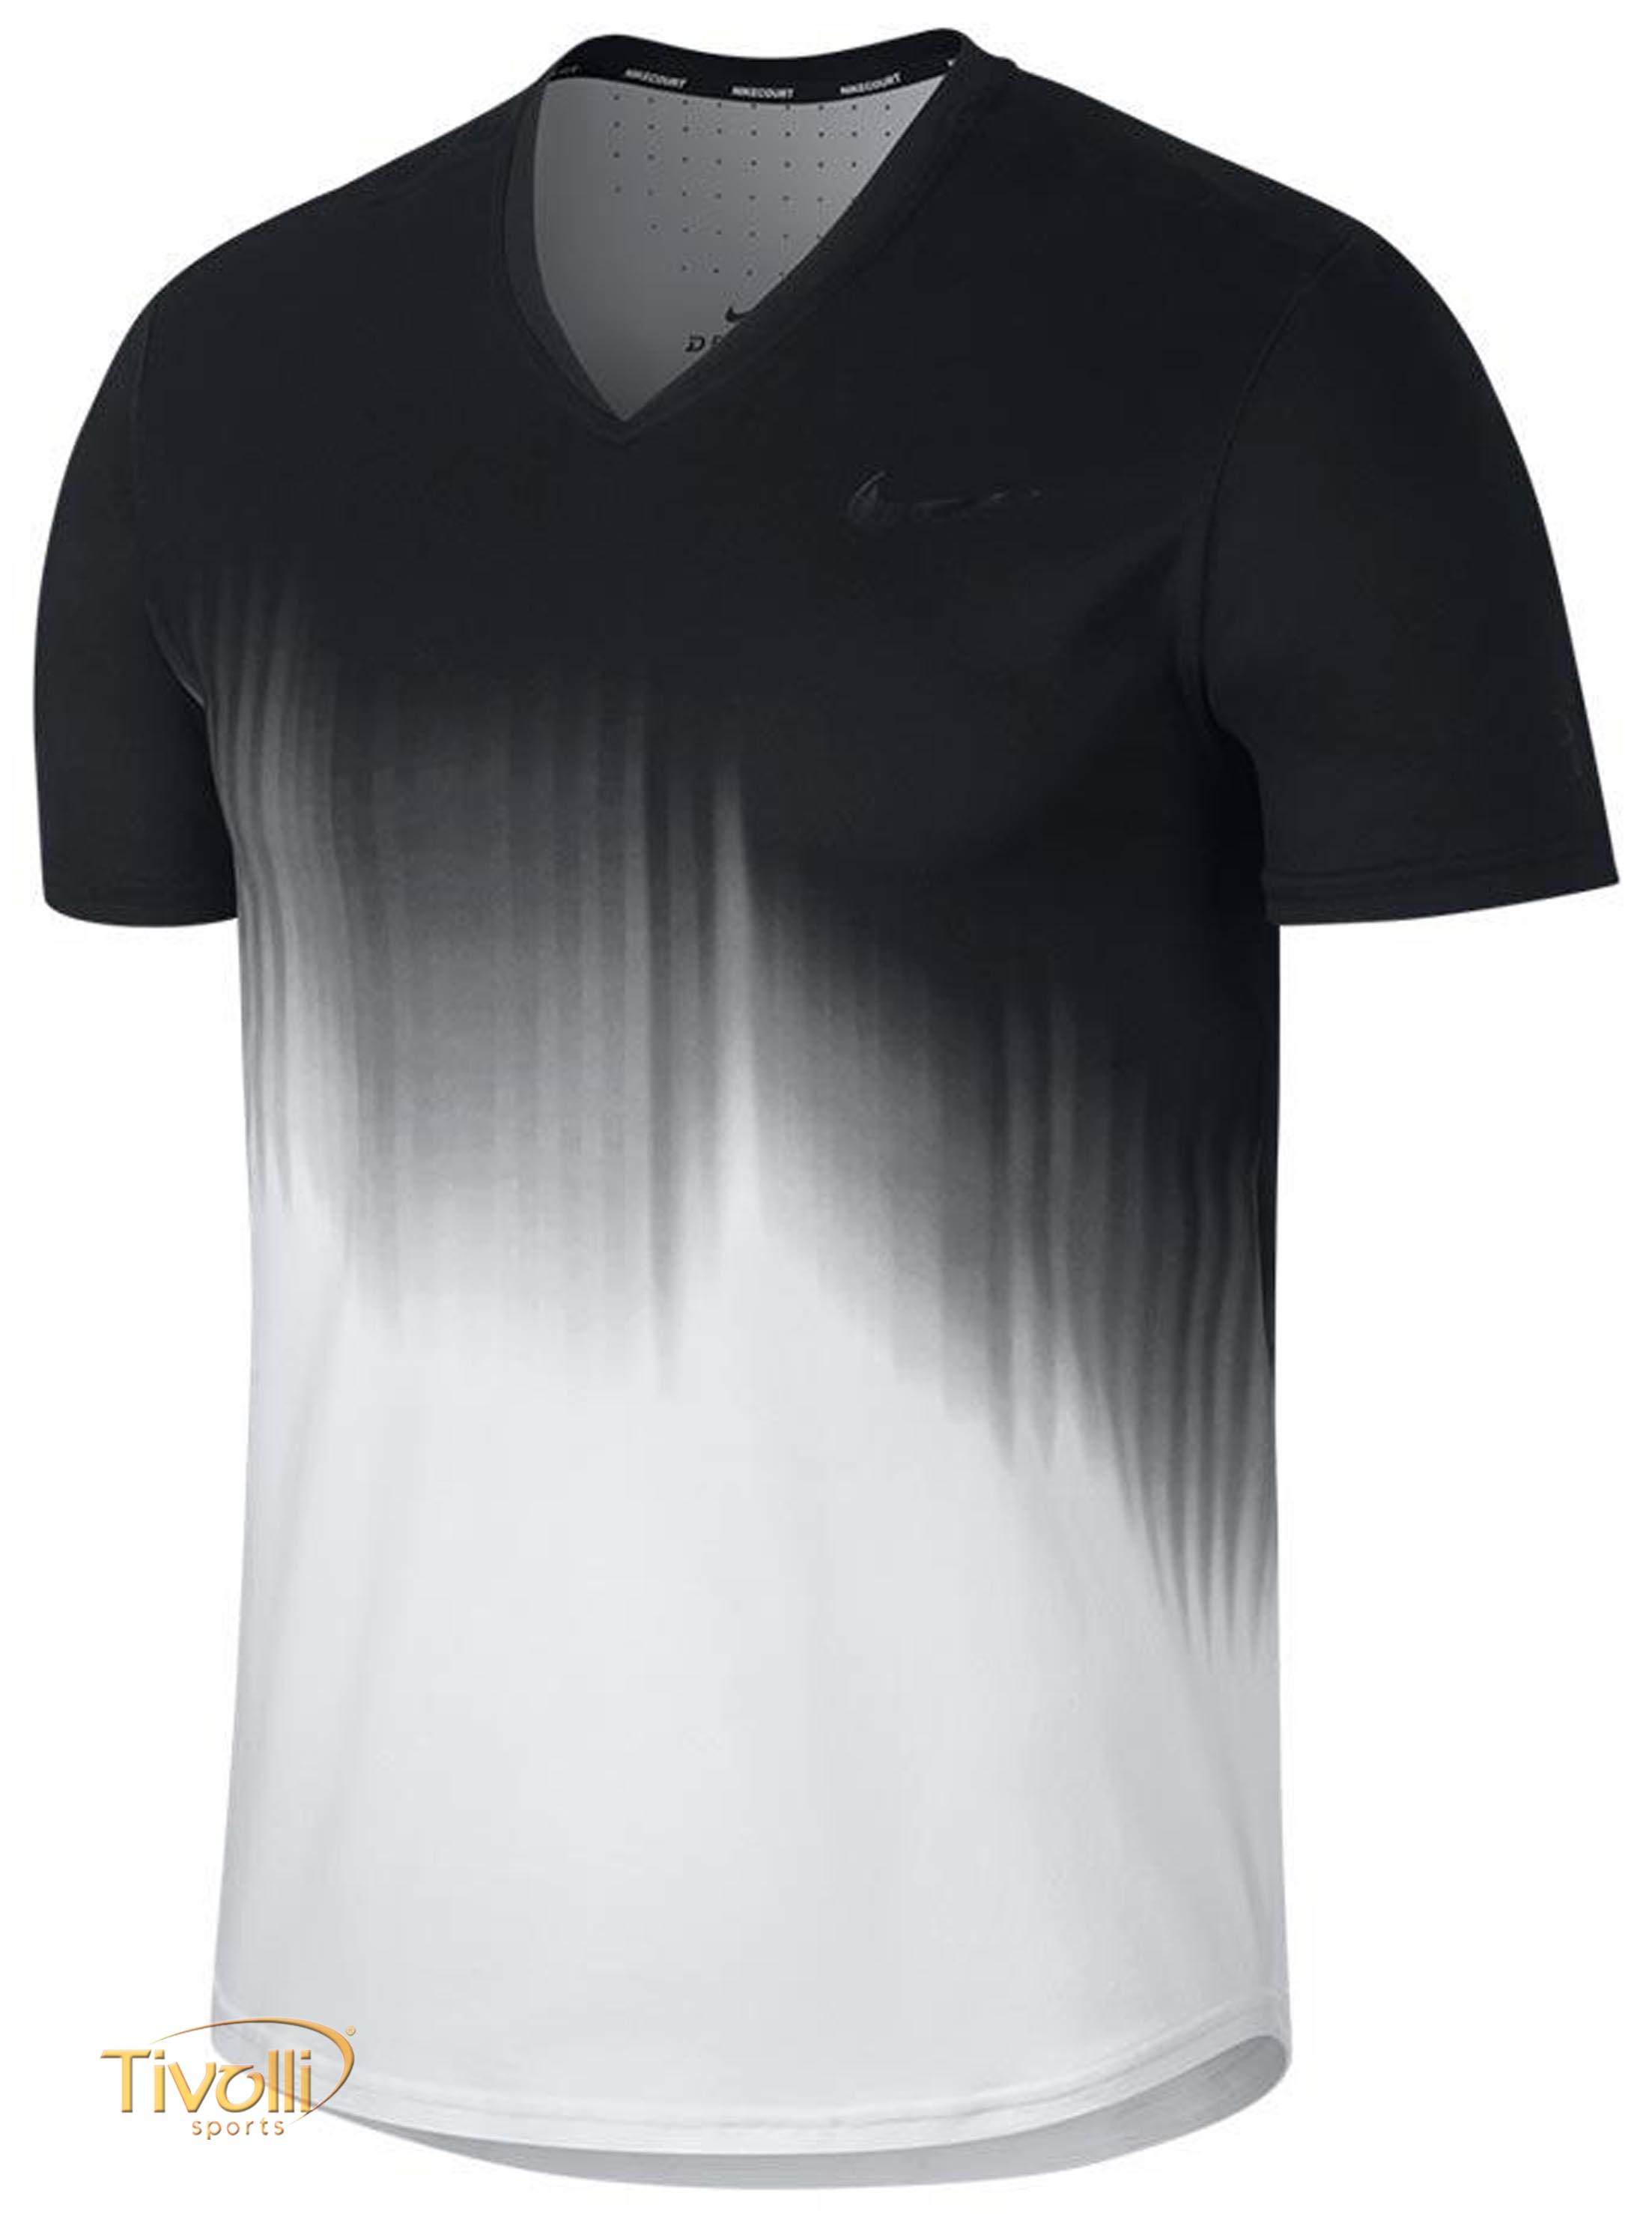 Raquete Mania   Camiseta Nike Court Roger Federer   Preta e Branca 2b6b88b964a8d